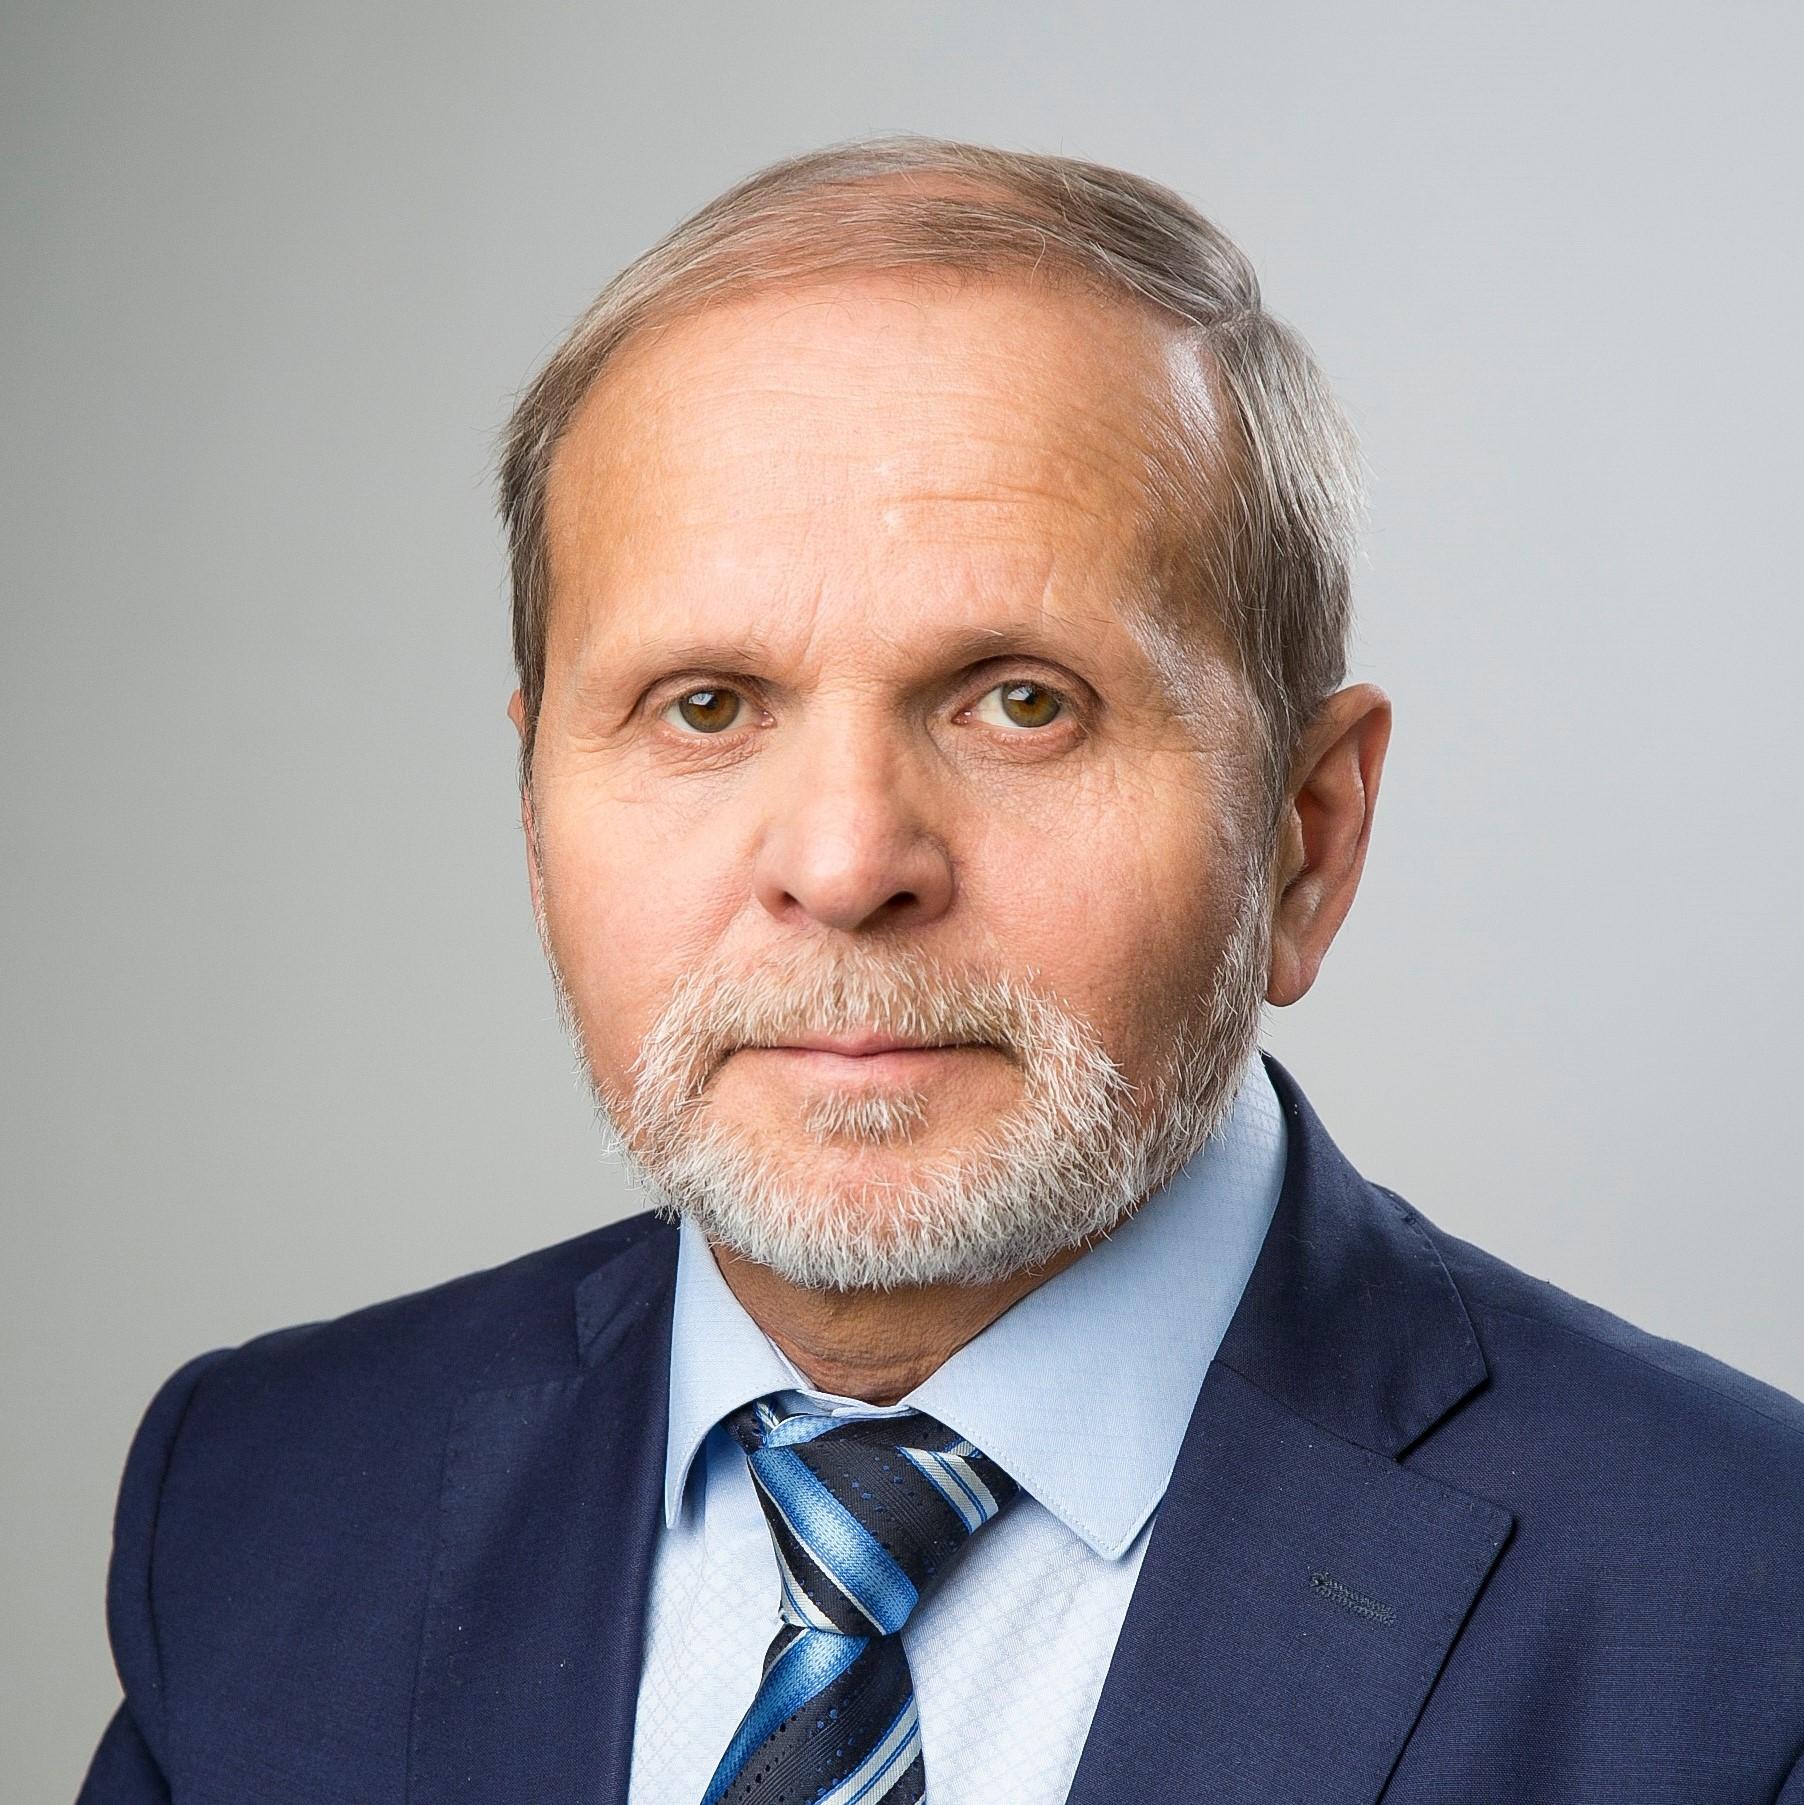 Alexander Savenkov